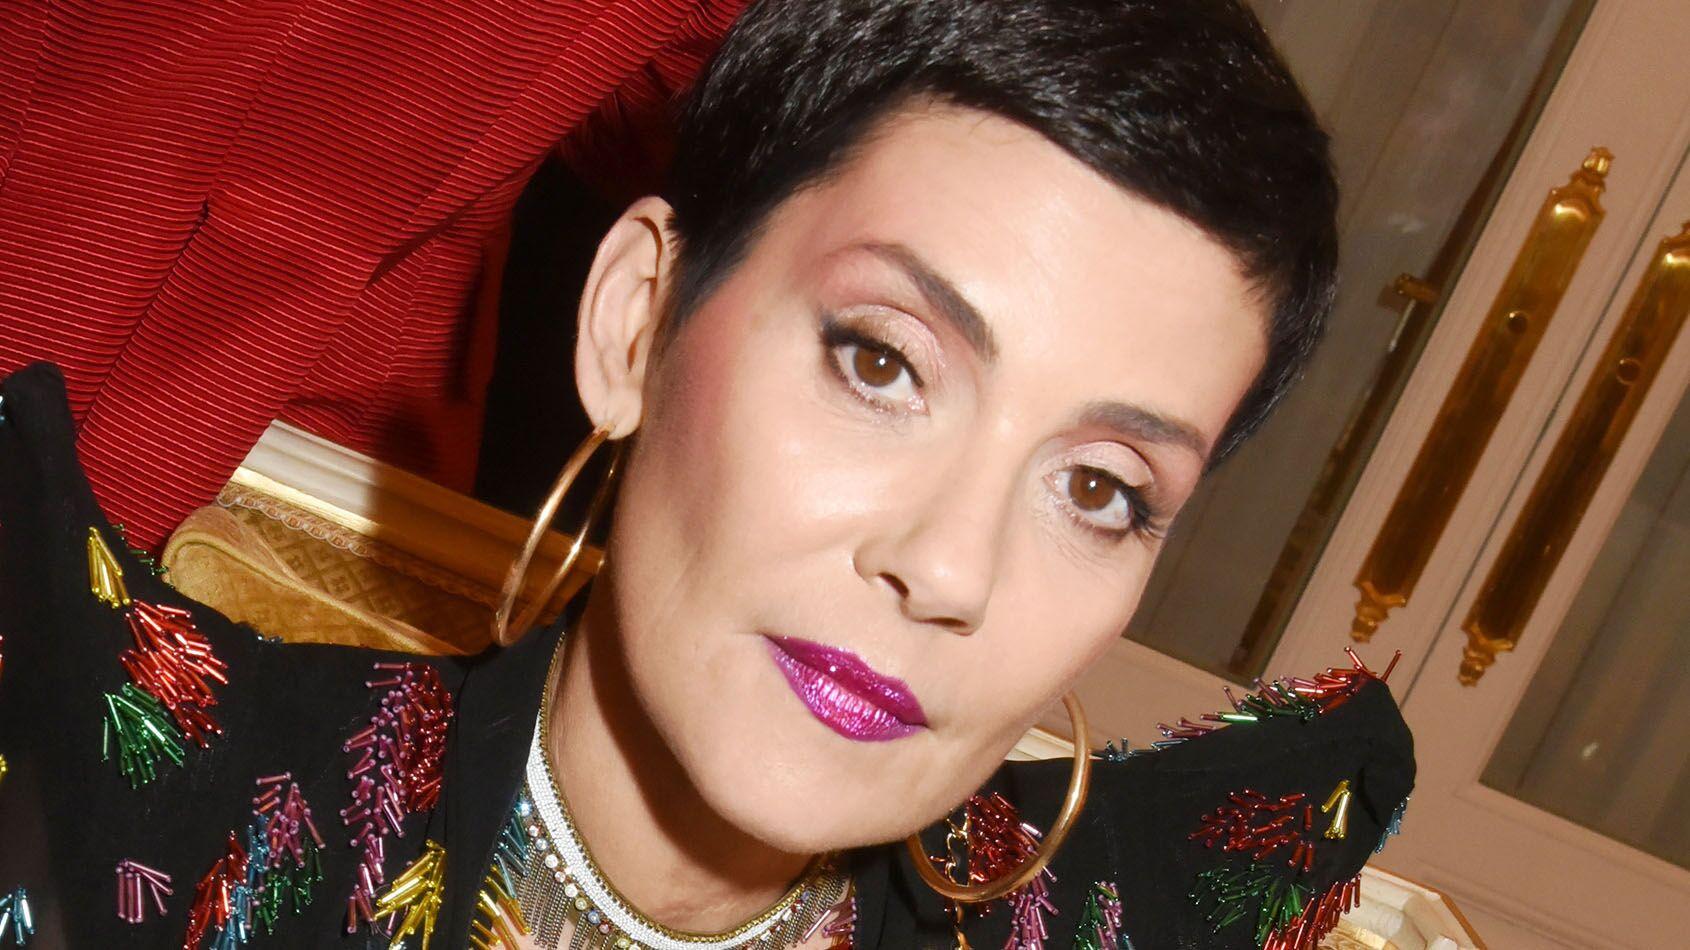 Cristina Cordula : son célèbre producteur dévoile ce détail qui aurait pu nuire à sa carrière